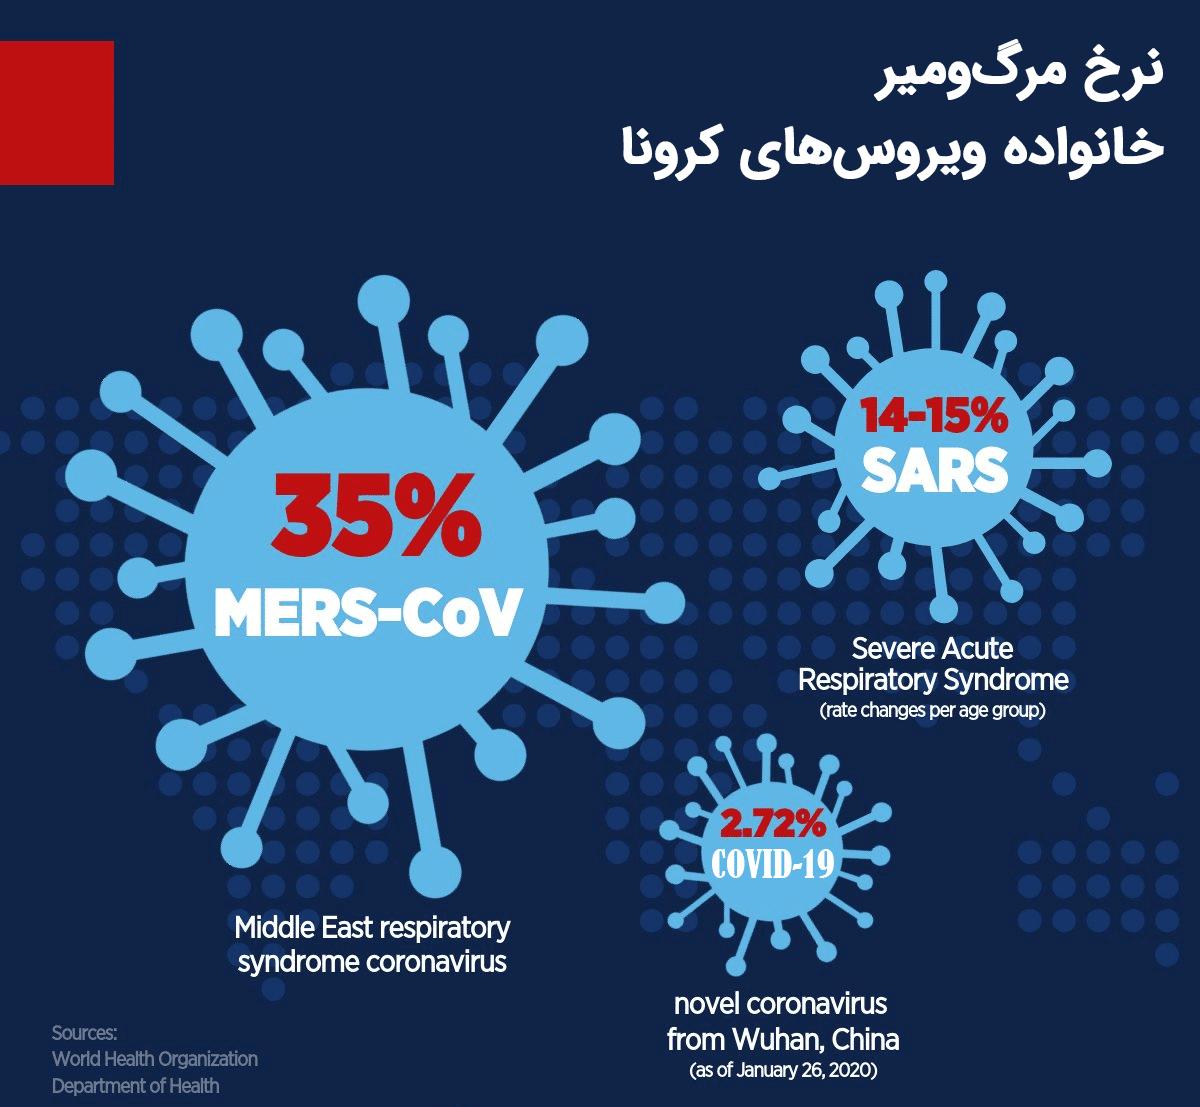 نرخ مرگ و میر خانواده ویروس های کرونا